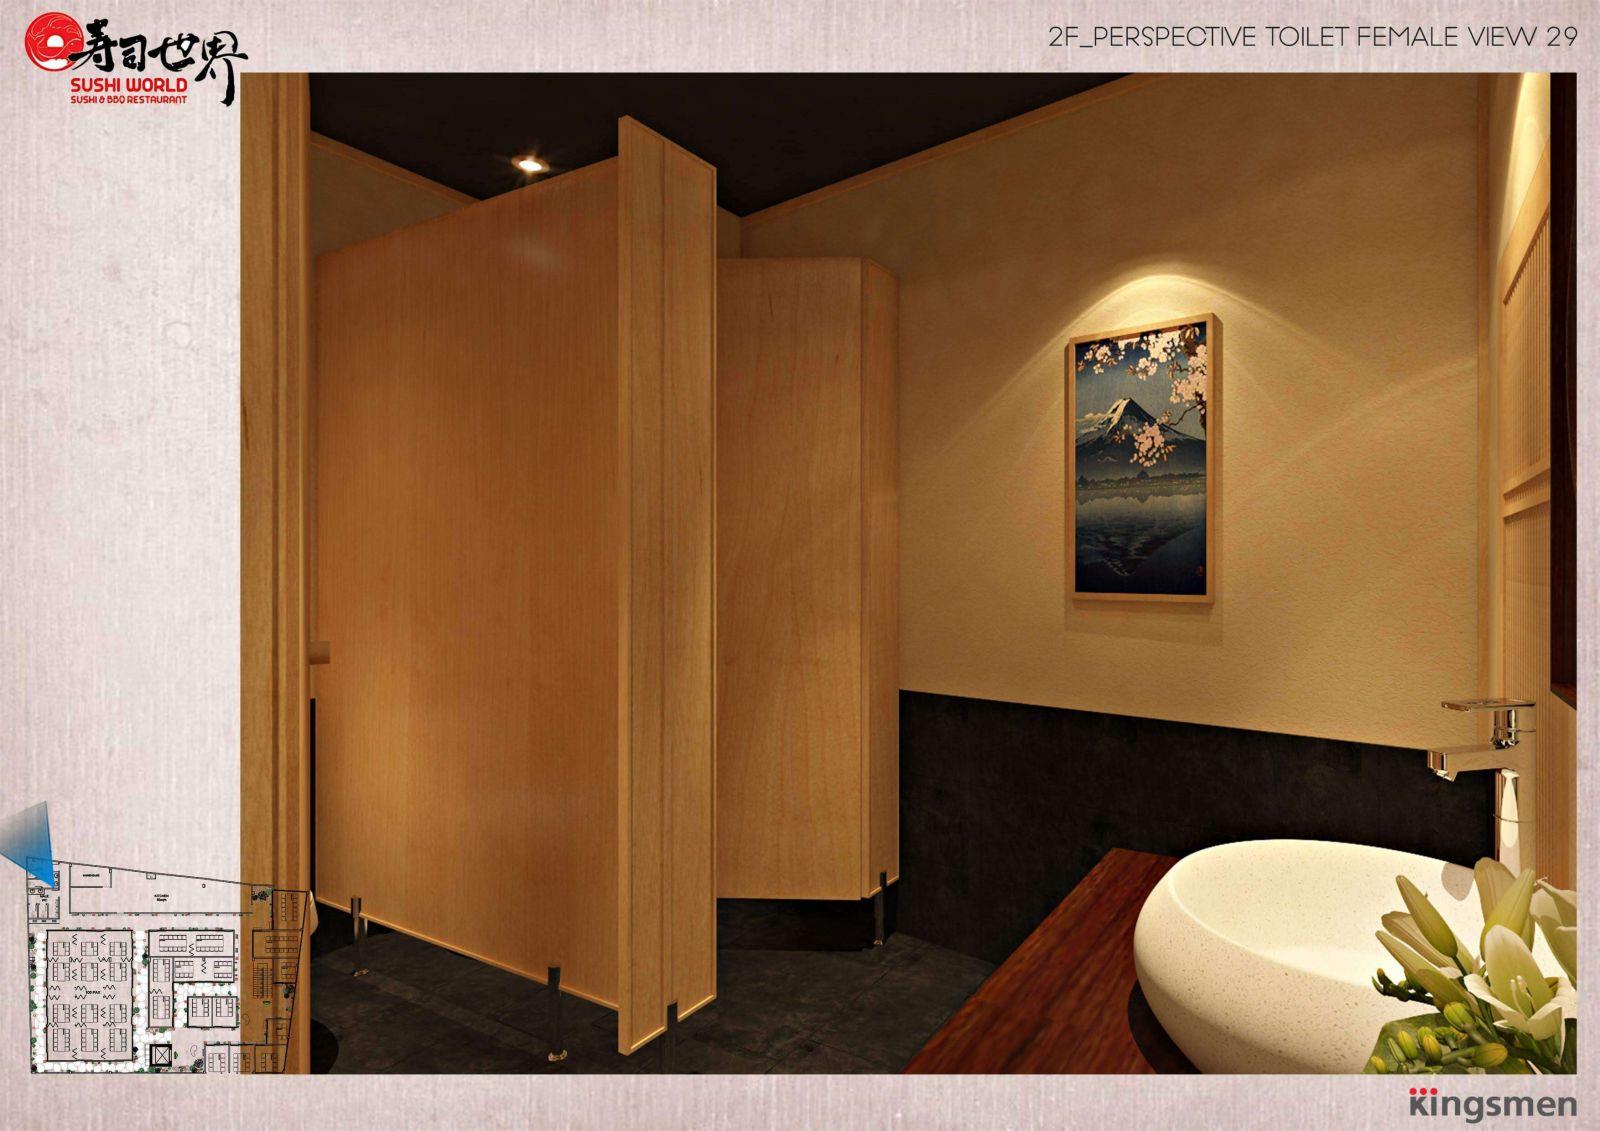 thiết kế khu vực vệ sinh tại nhà hàng nhật bản